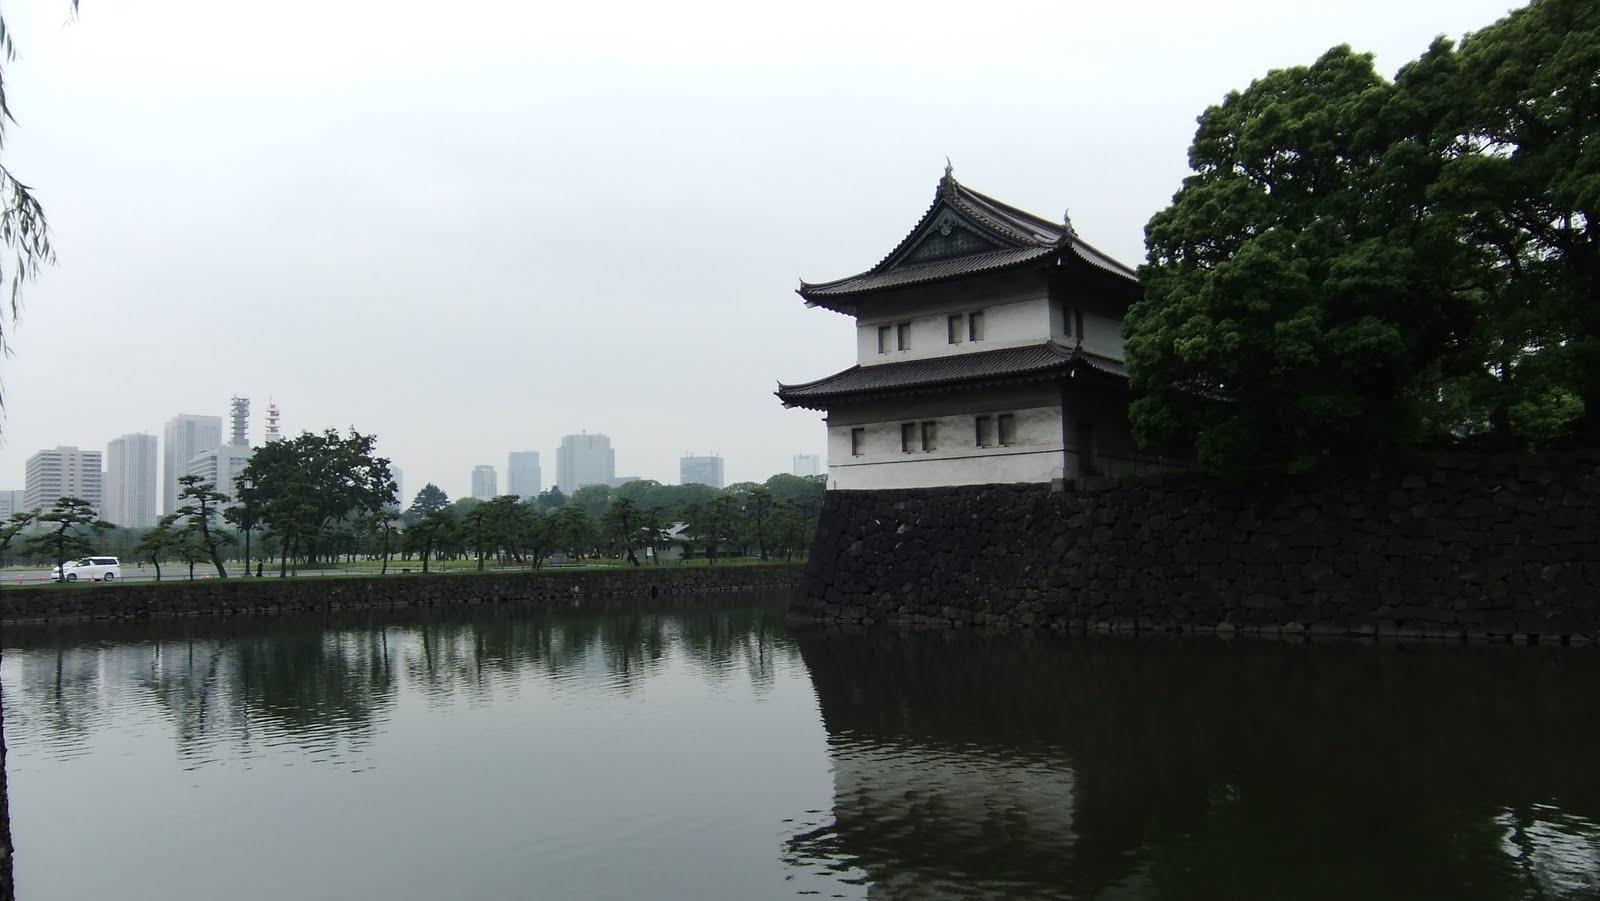 Anne laure au japon 14 me jour tokyo et le jardin imp rial for Jardin imperial